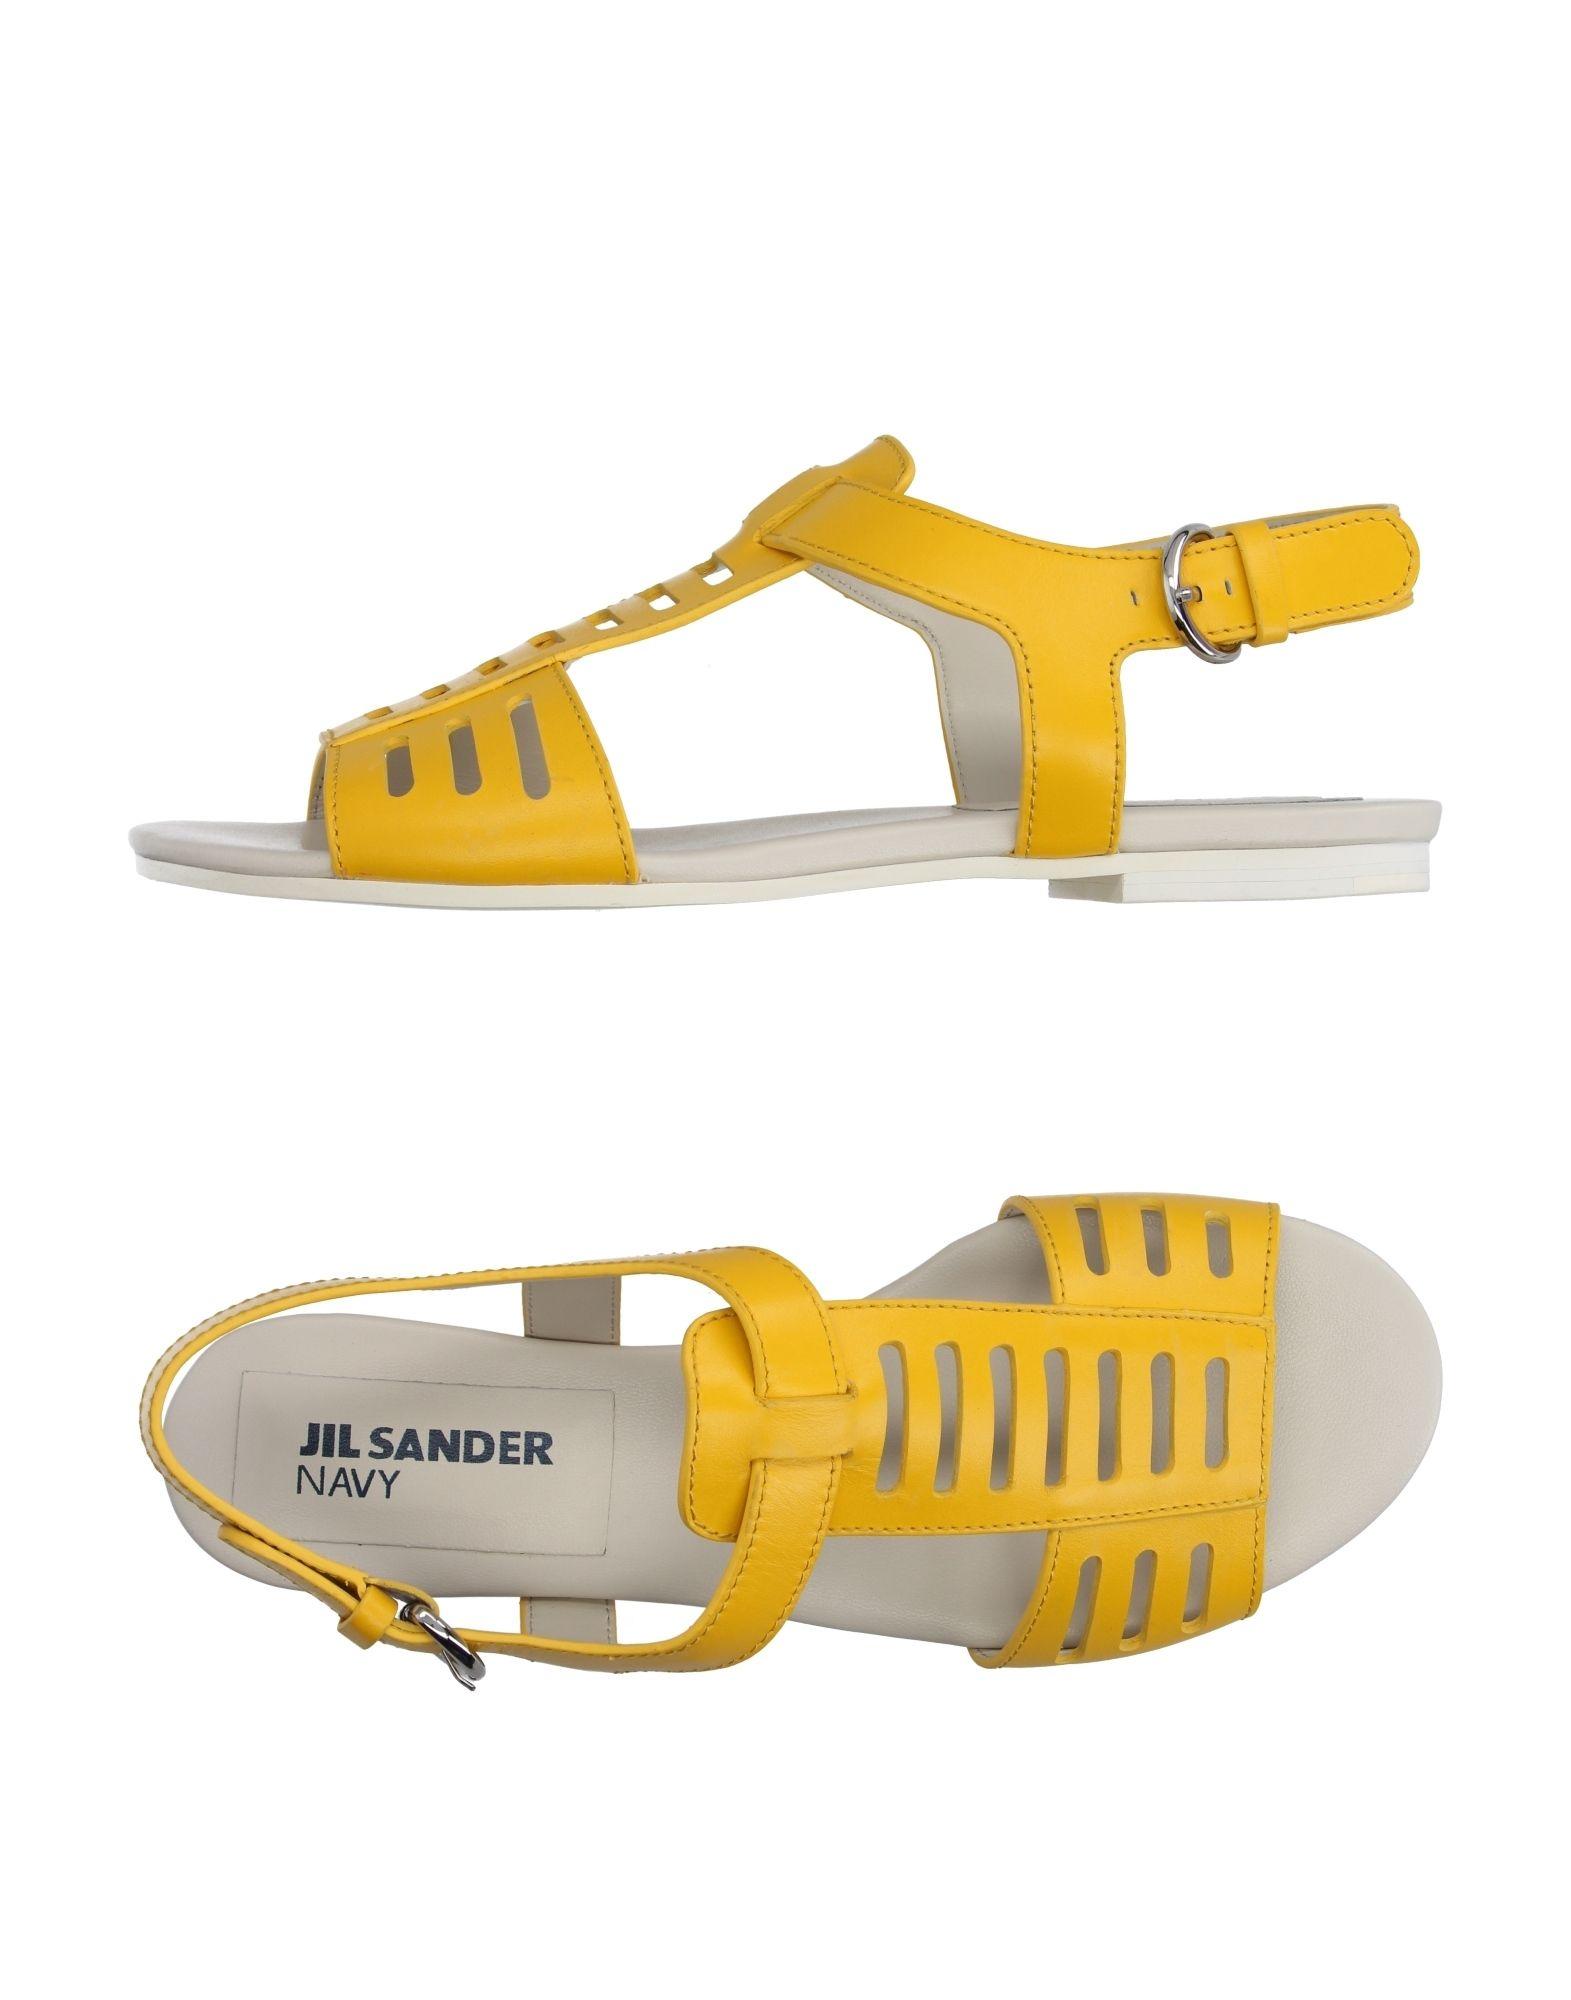 Jil Sander Navy Sandalen Damen  11193642NO Gute Qualität beliebte Schuhe